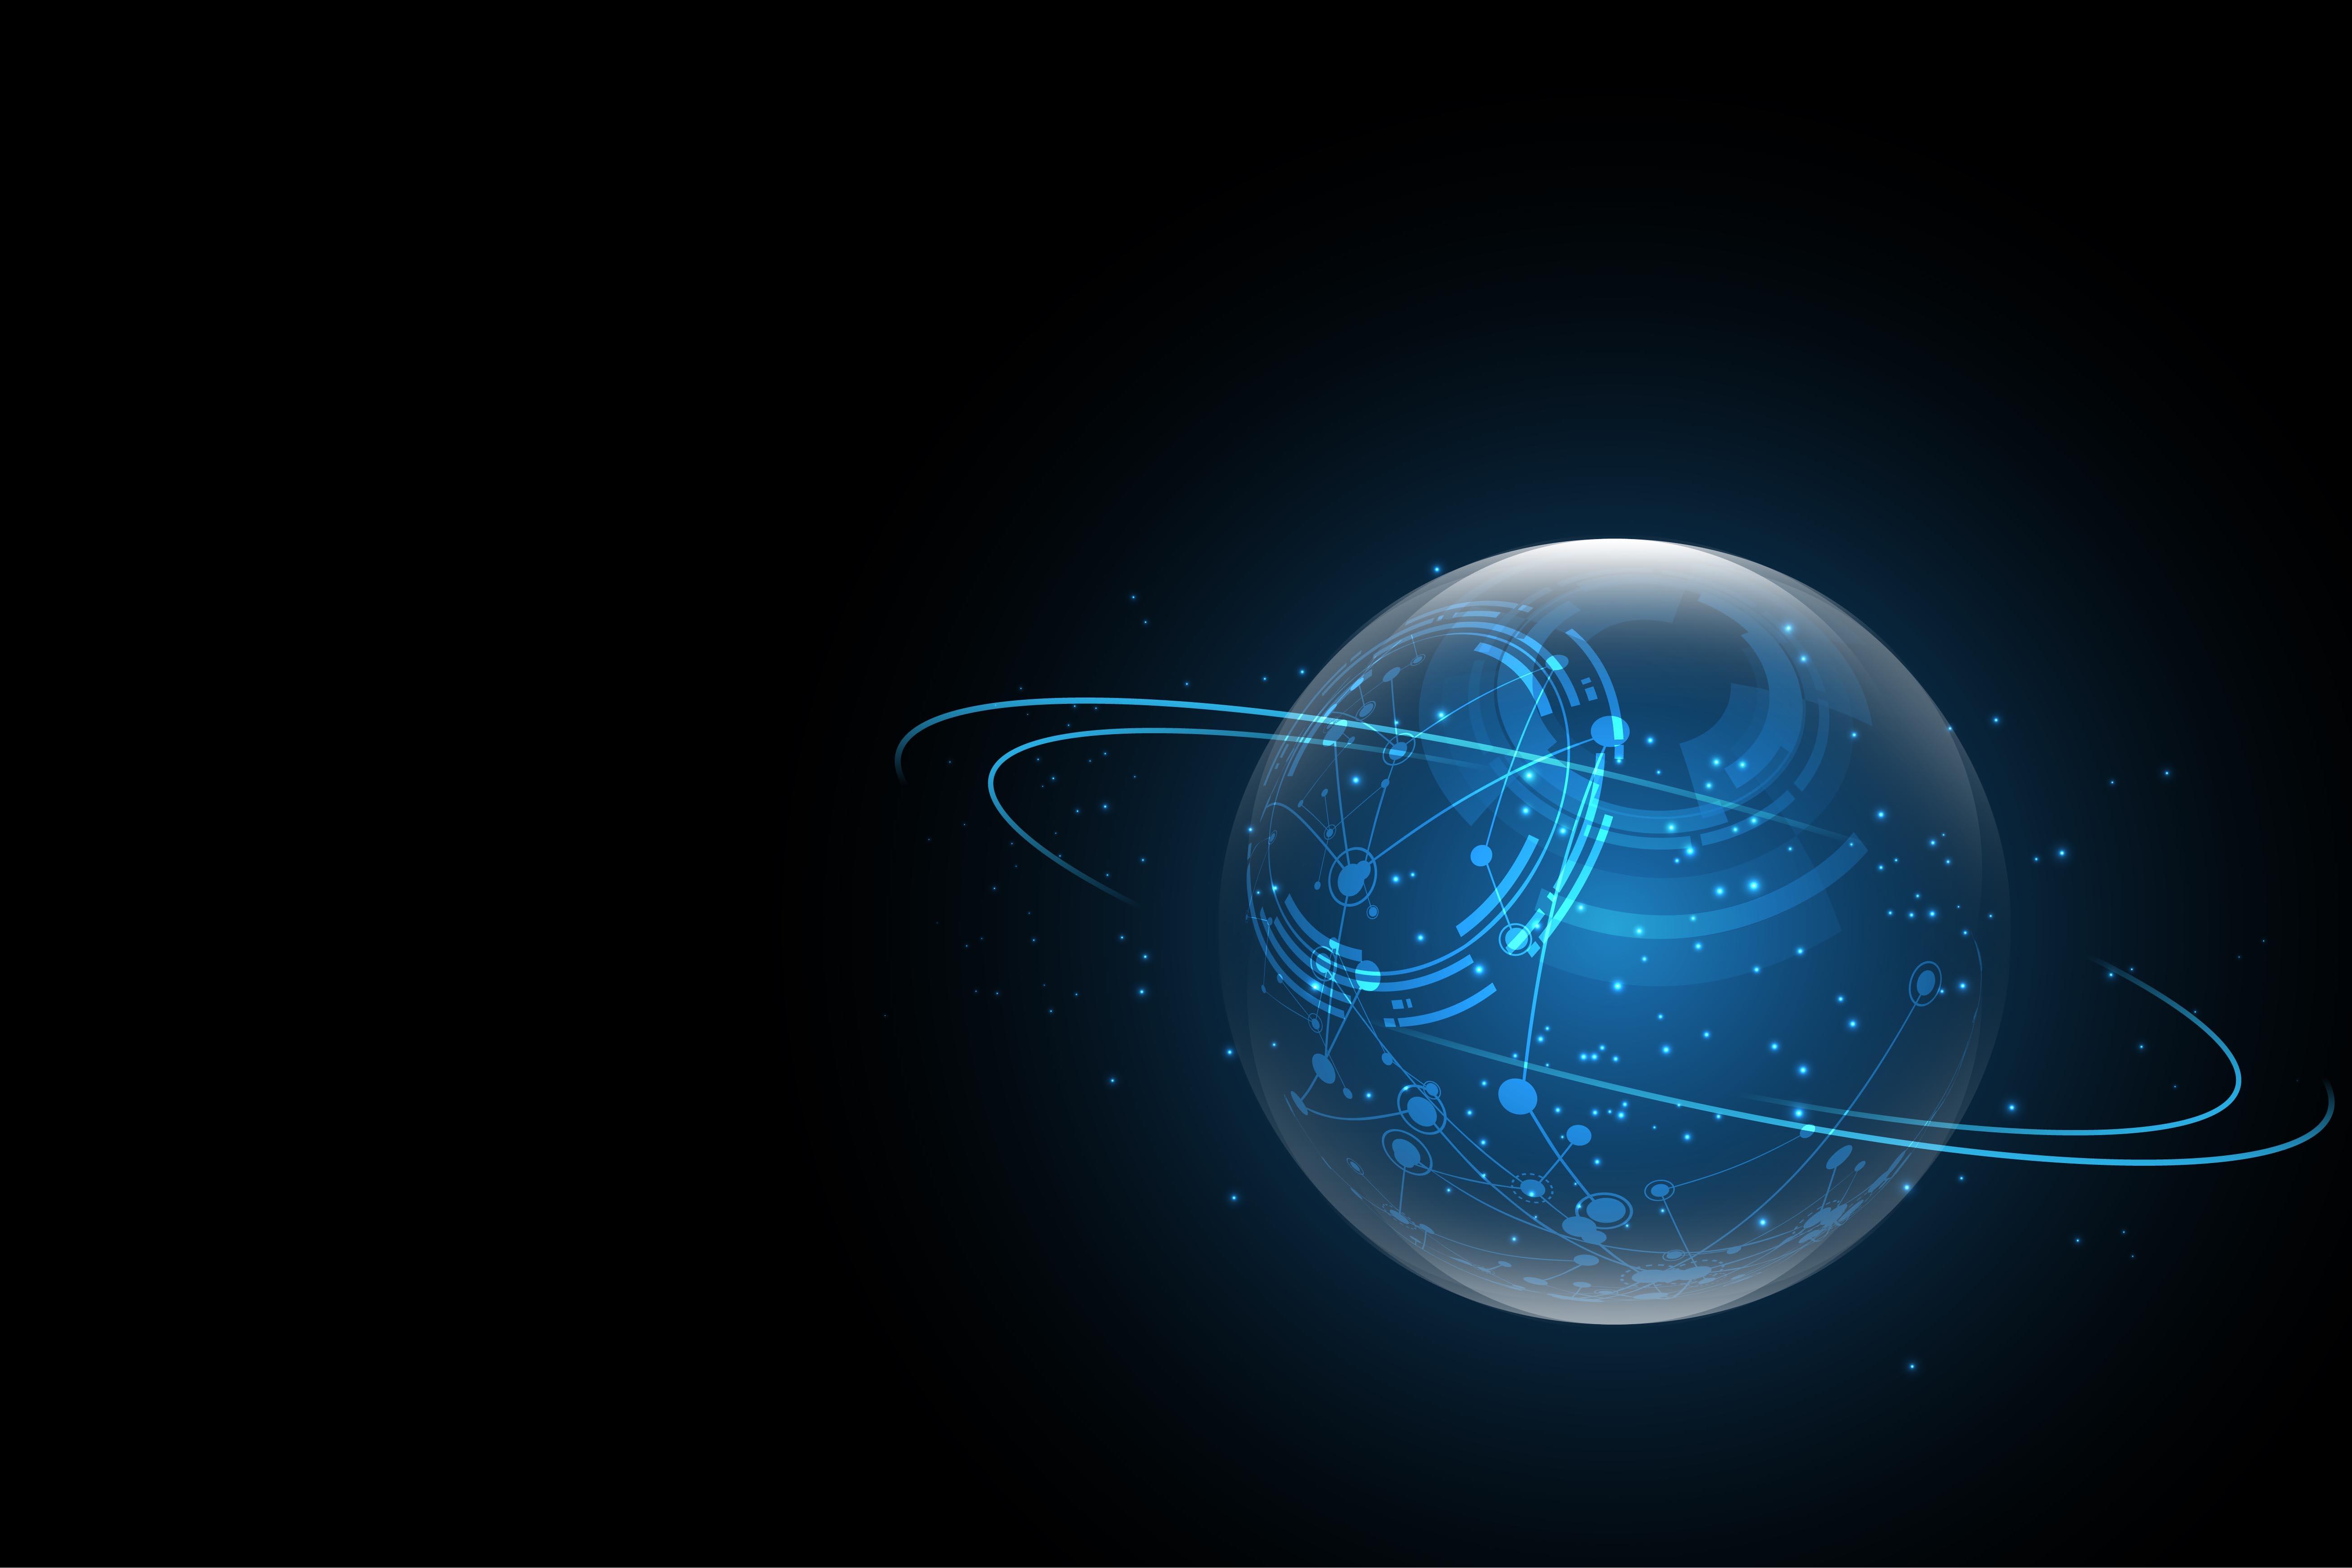 6 motivos para entender que a inovação tecnológica não é coisa do futuro